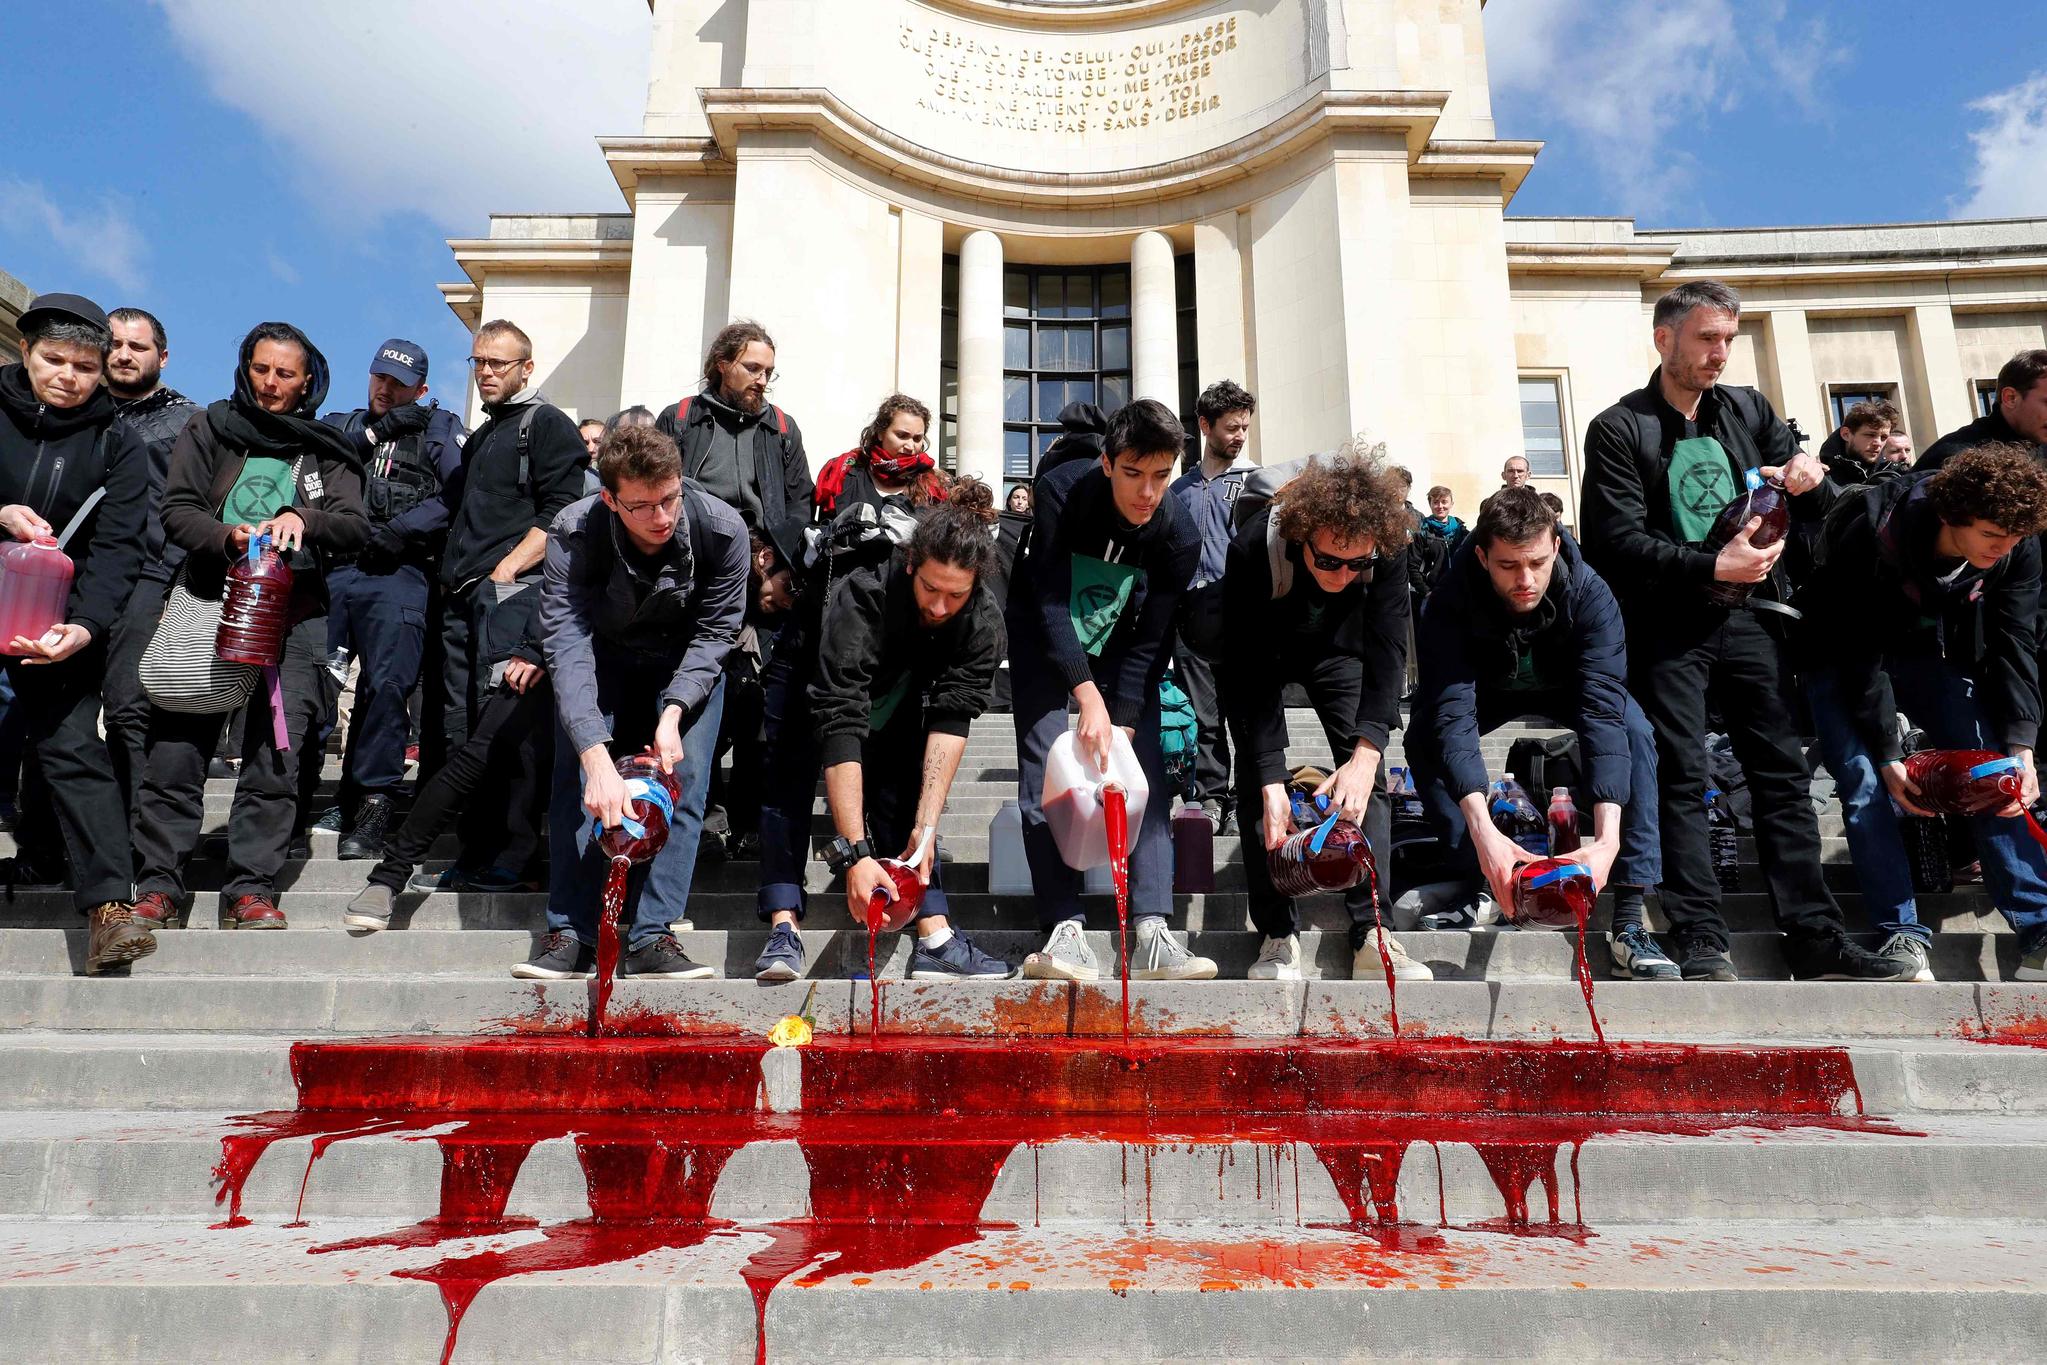 시위대는 식용 색소와 옥수숫가루가 혼합된 약 300ℓ의 붉은 액체를 샤오궁 계단에 쏟았다. [AFP=연합뉴스]